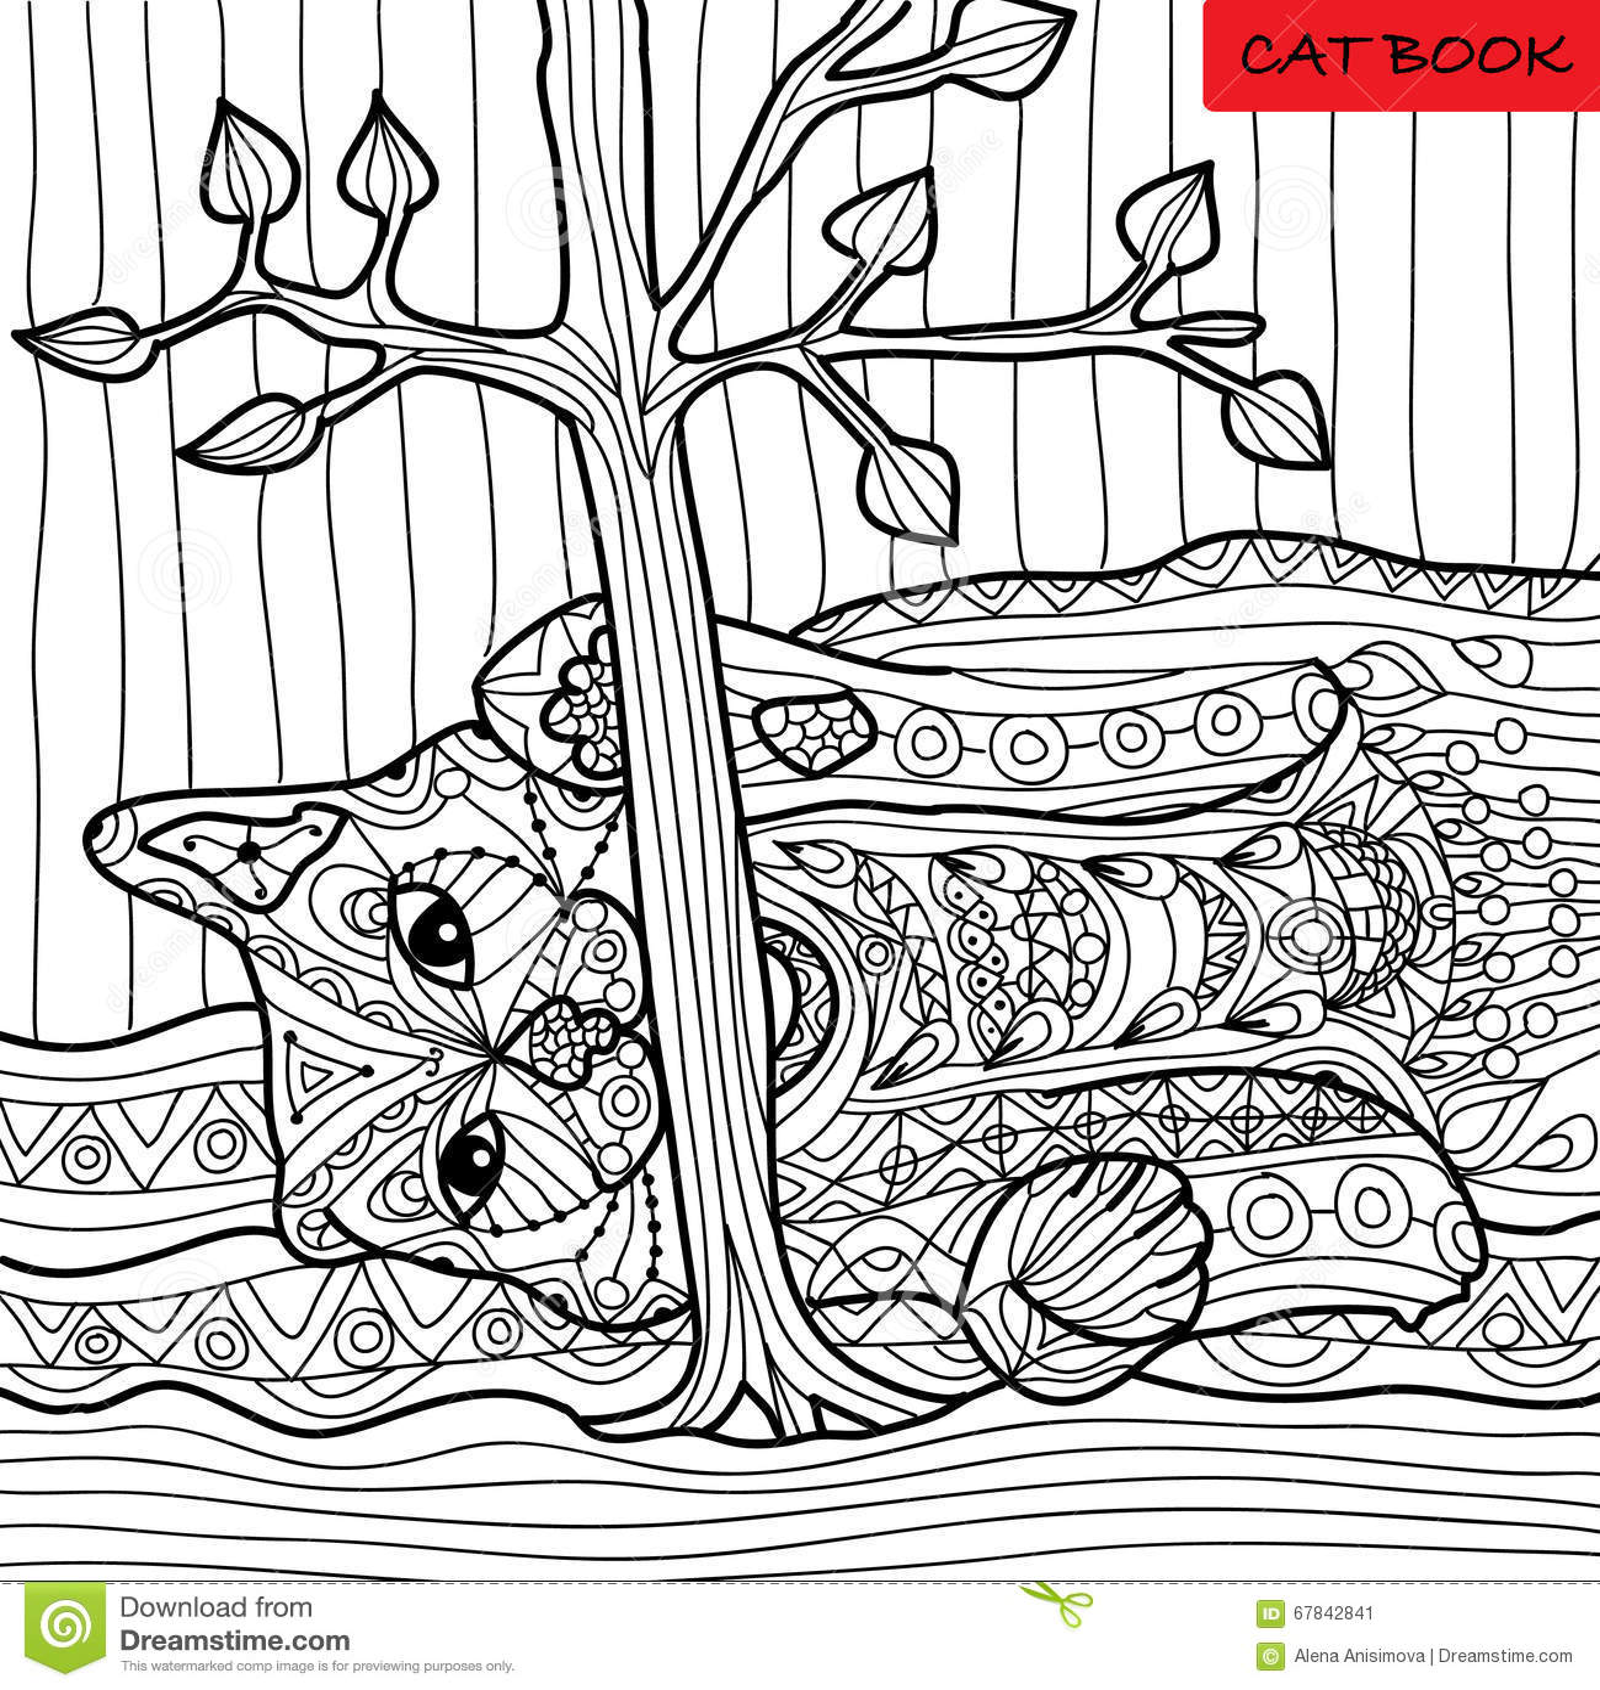 Gato Travieso - Libro De Colorear Para Los Adultos, Modelos Del ...